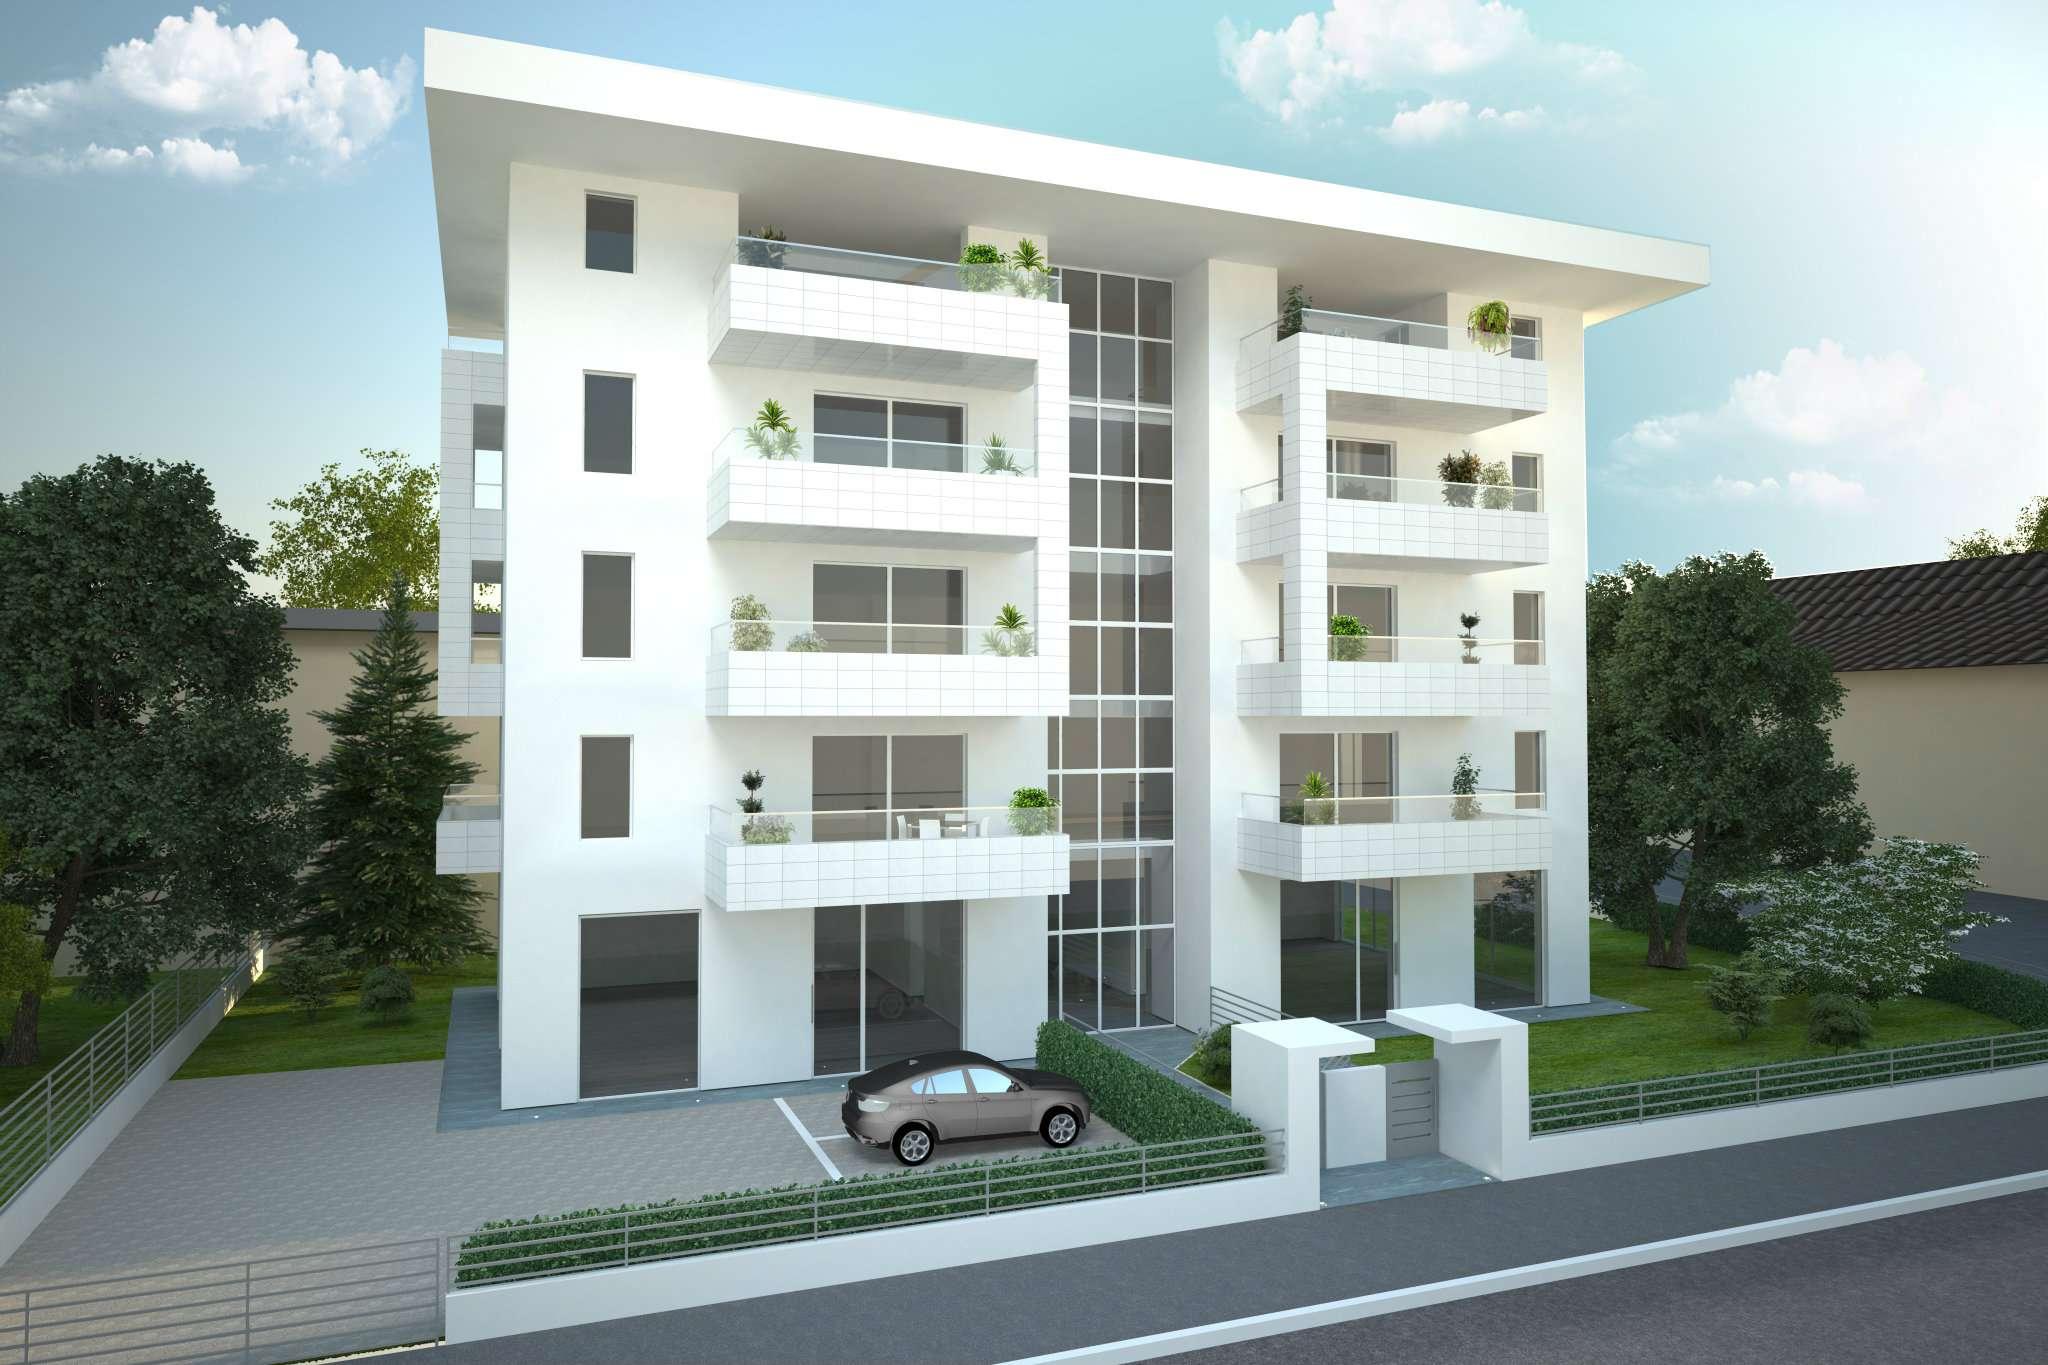 Attico / Mansarda in vendita a Gallarate, 5 locali, prezzo € 570.000 | Cambio Casa.it